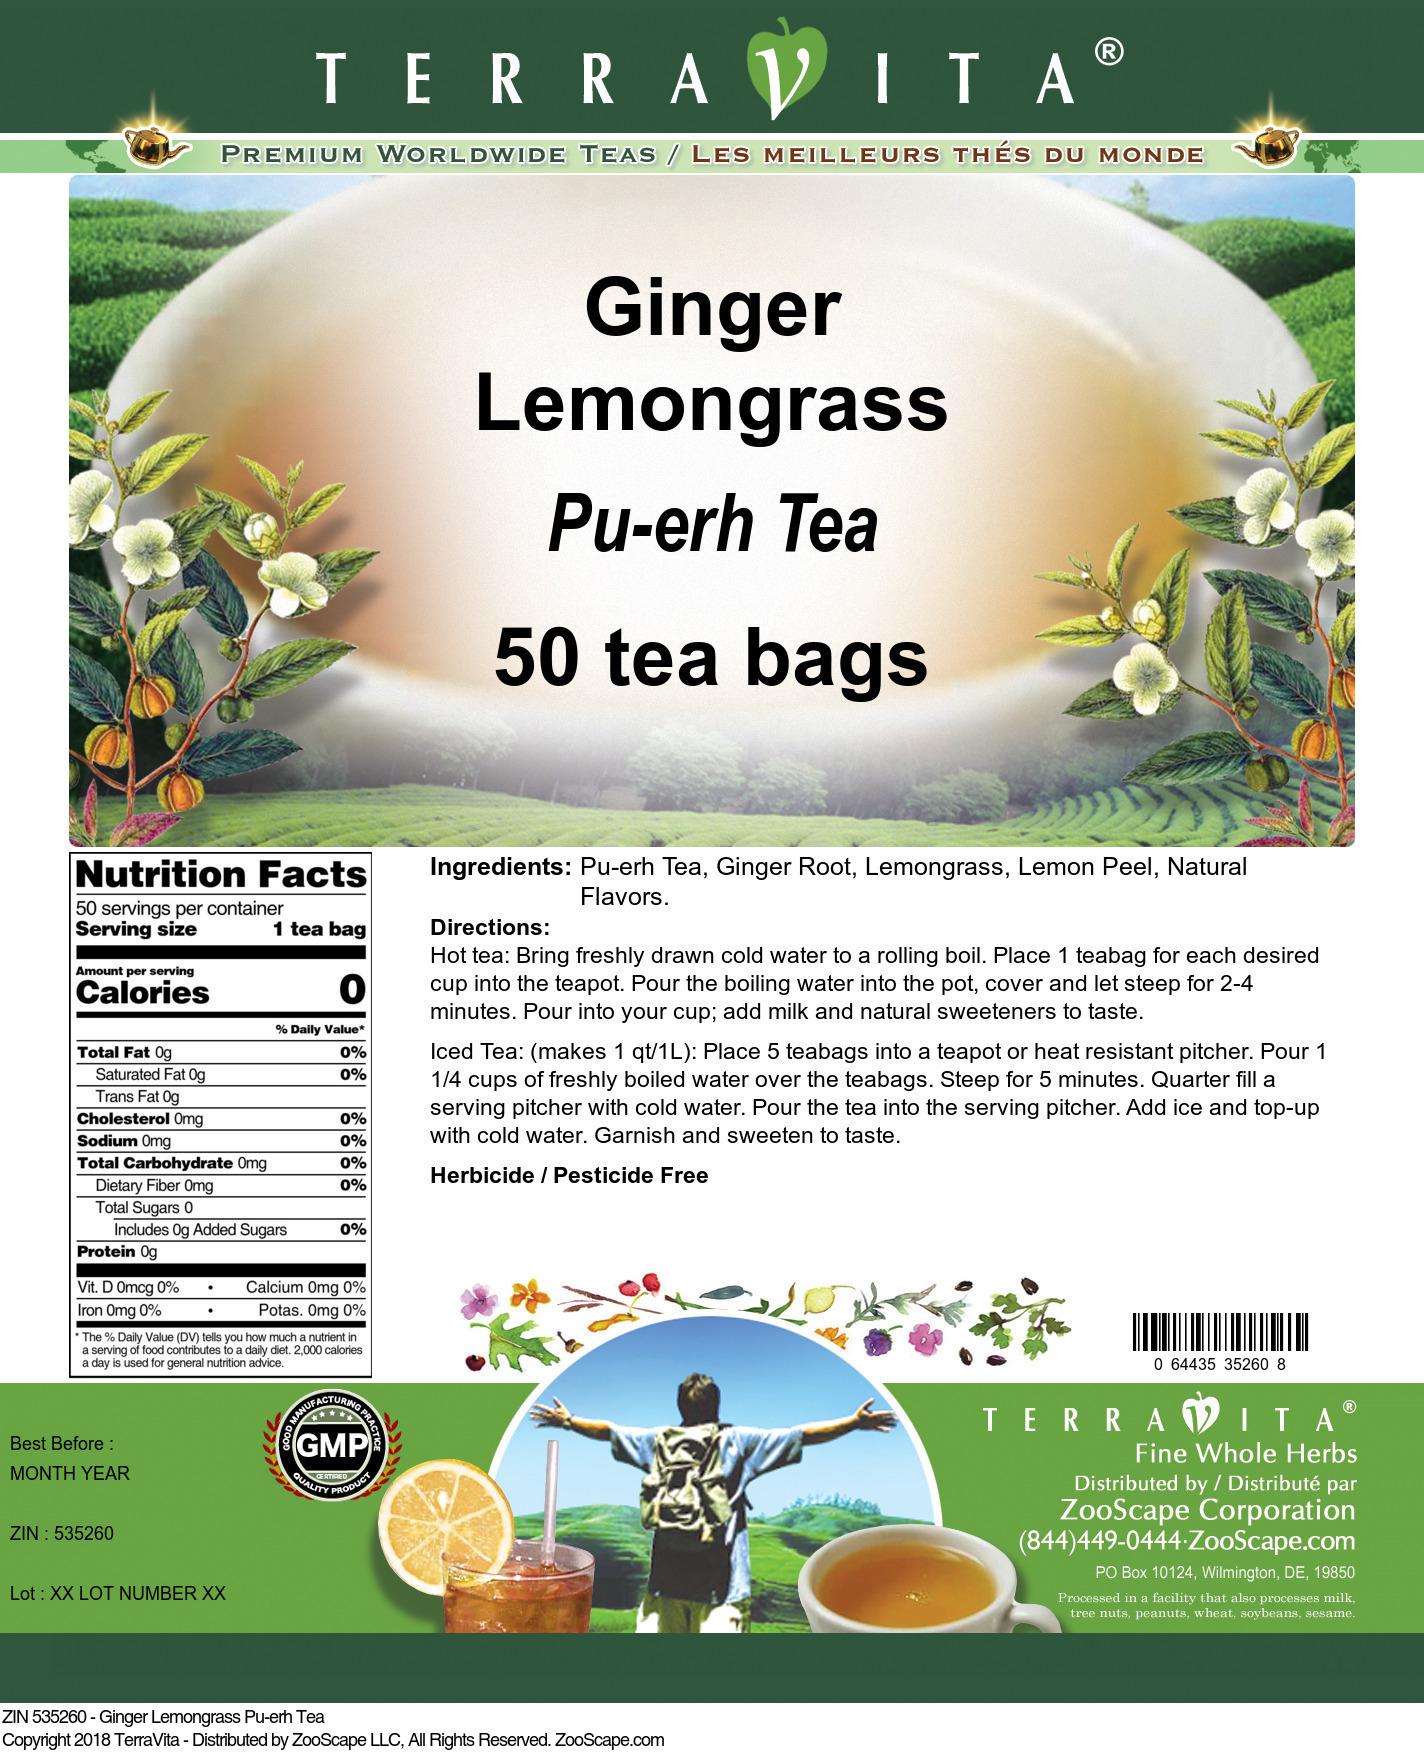 Ginger Lemongrass Pu-erh Tea